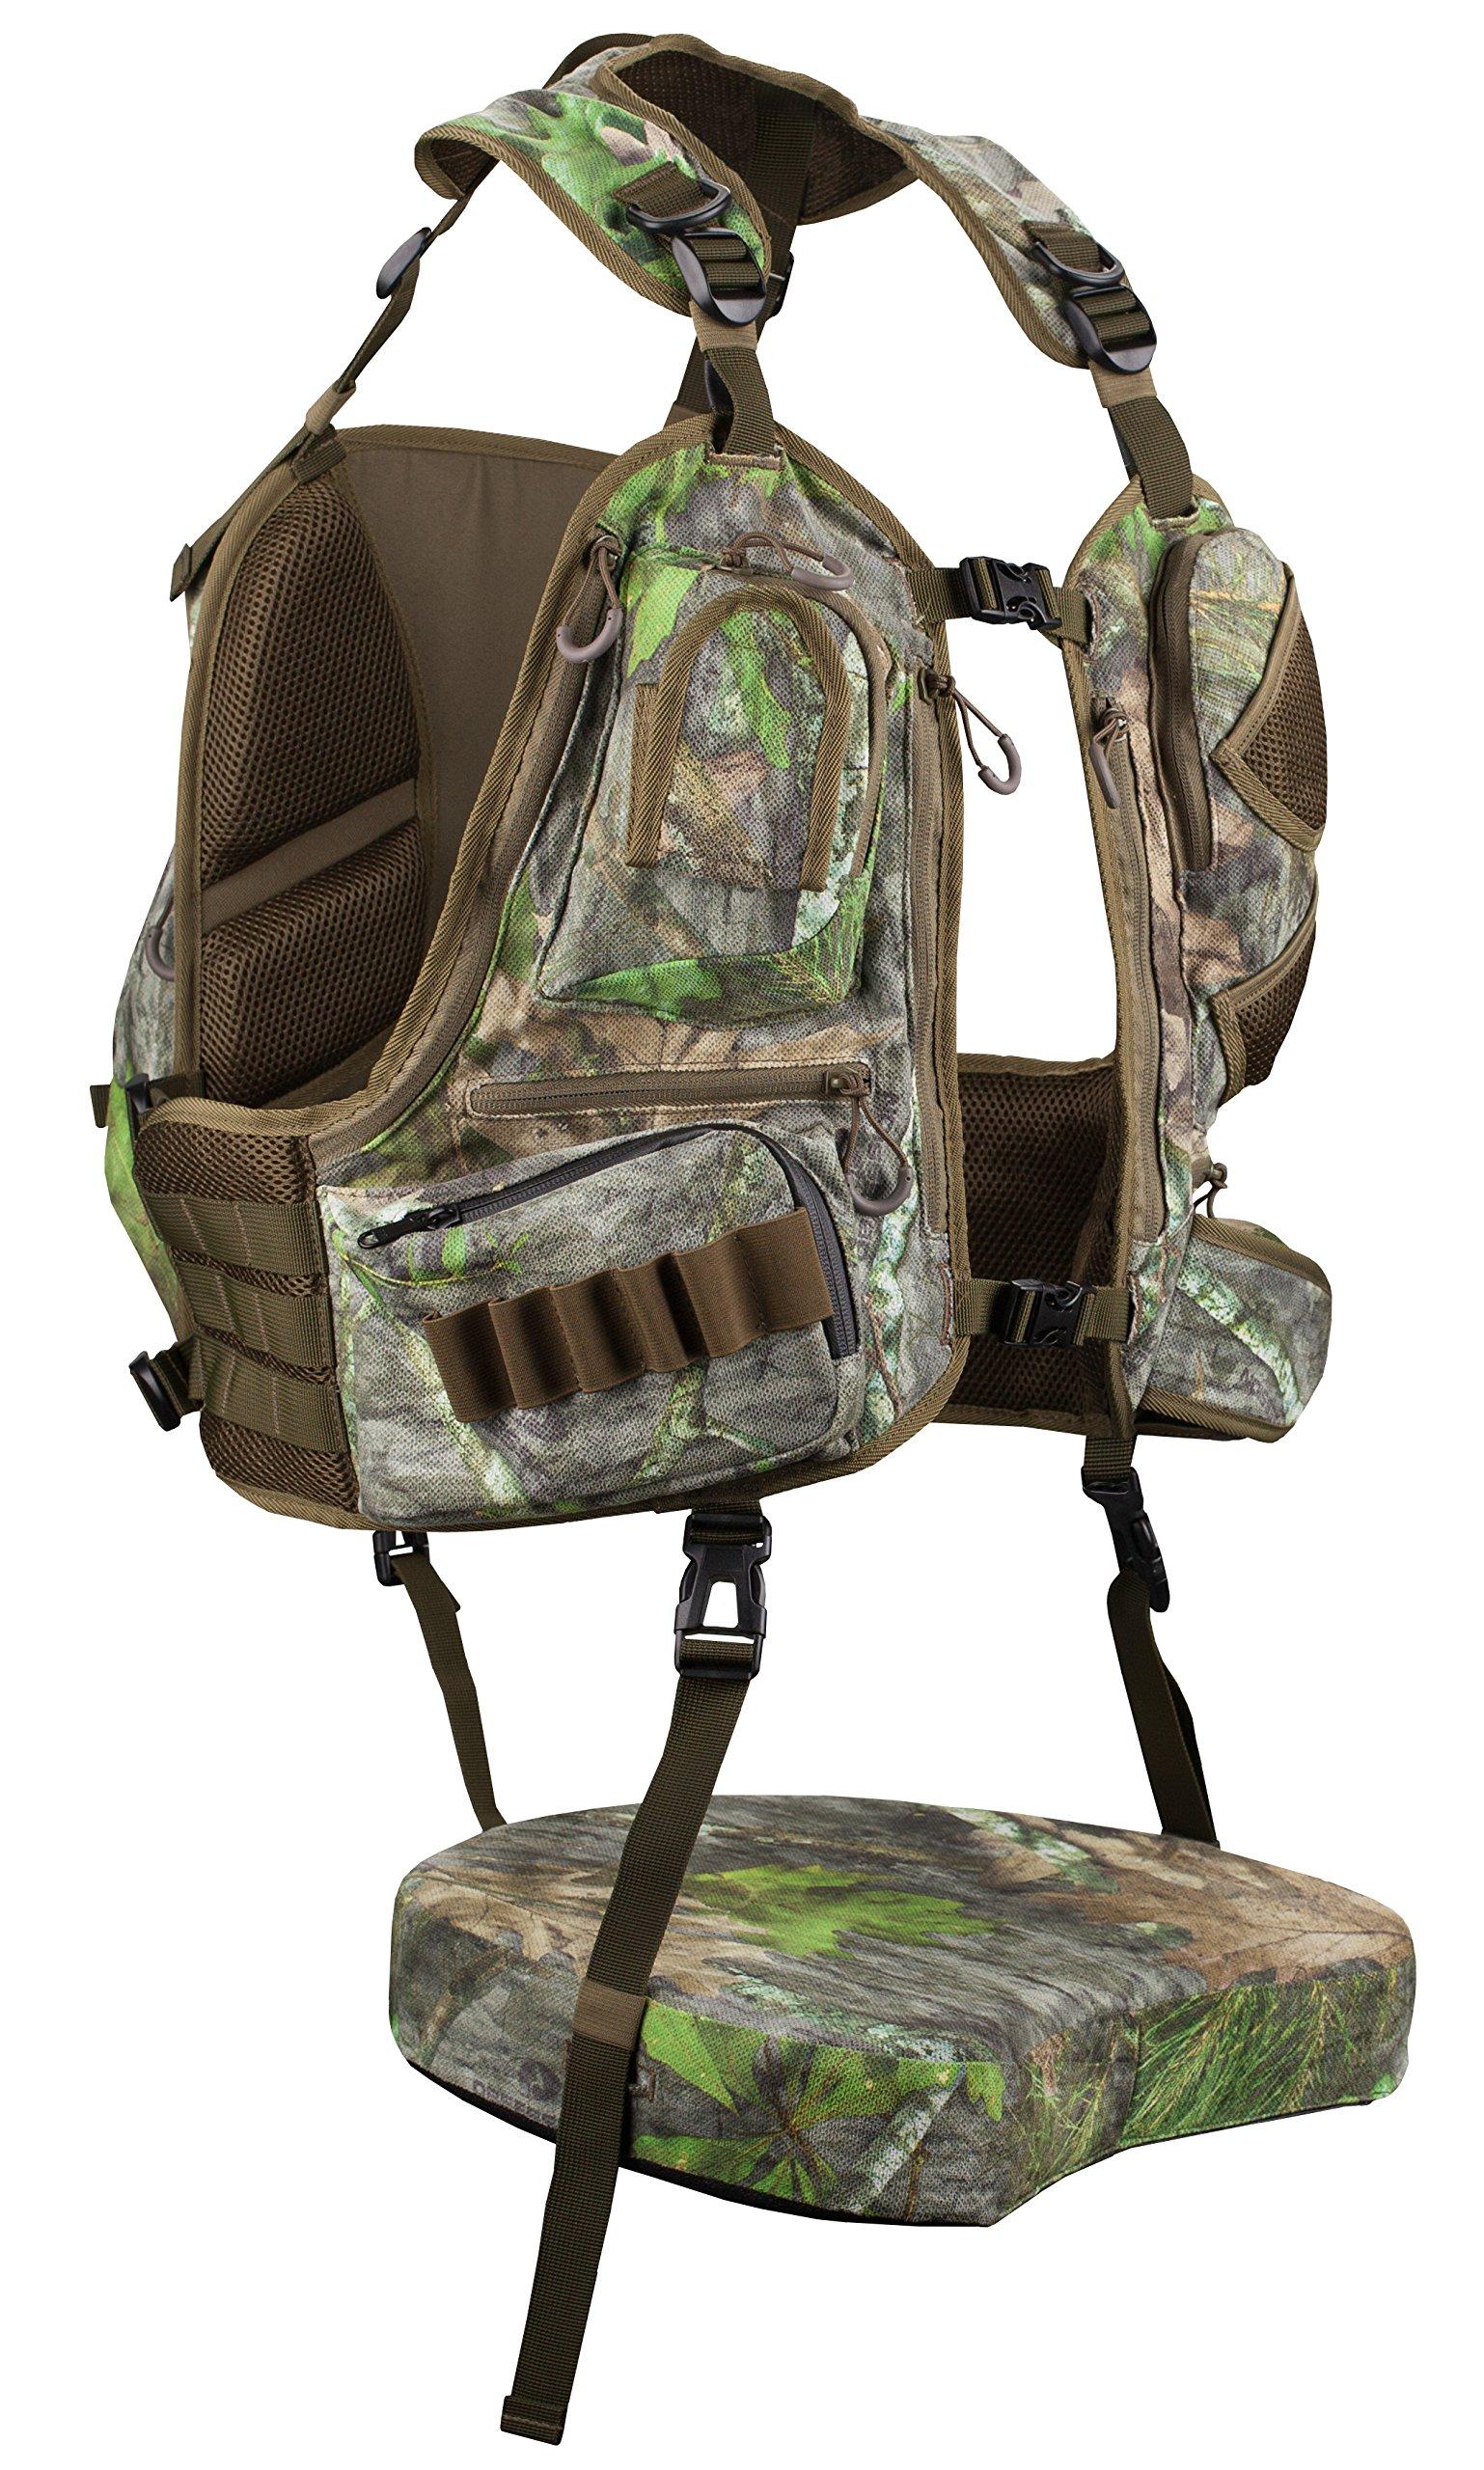 Knight & Hale KHT0068 Run N' Gun 300-Mossy Oak Turkey Vest, Mossy Oak Obsession by Knight & Hale (Image #1)